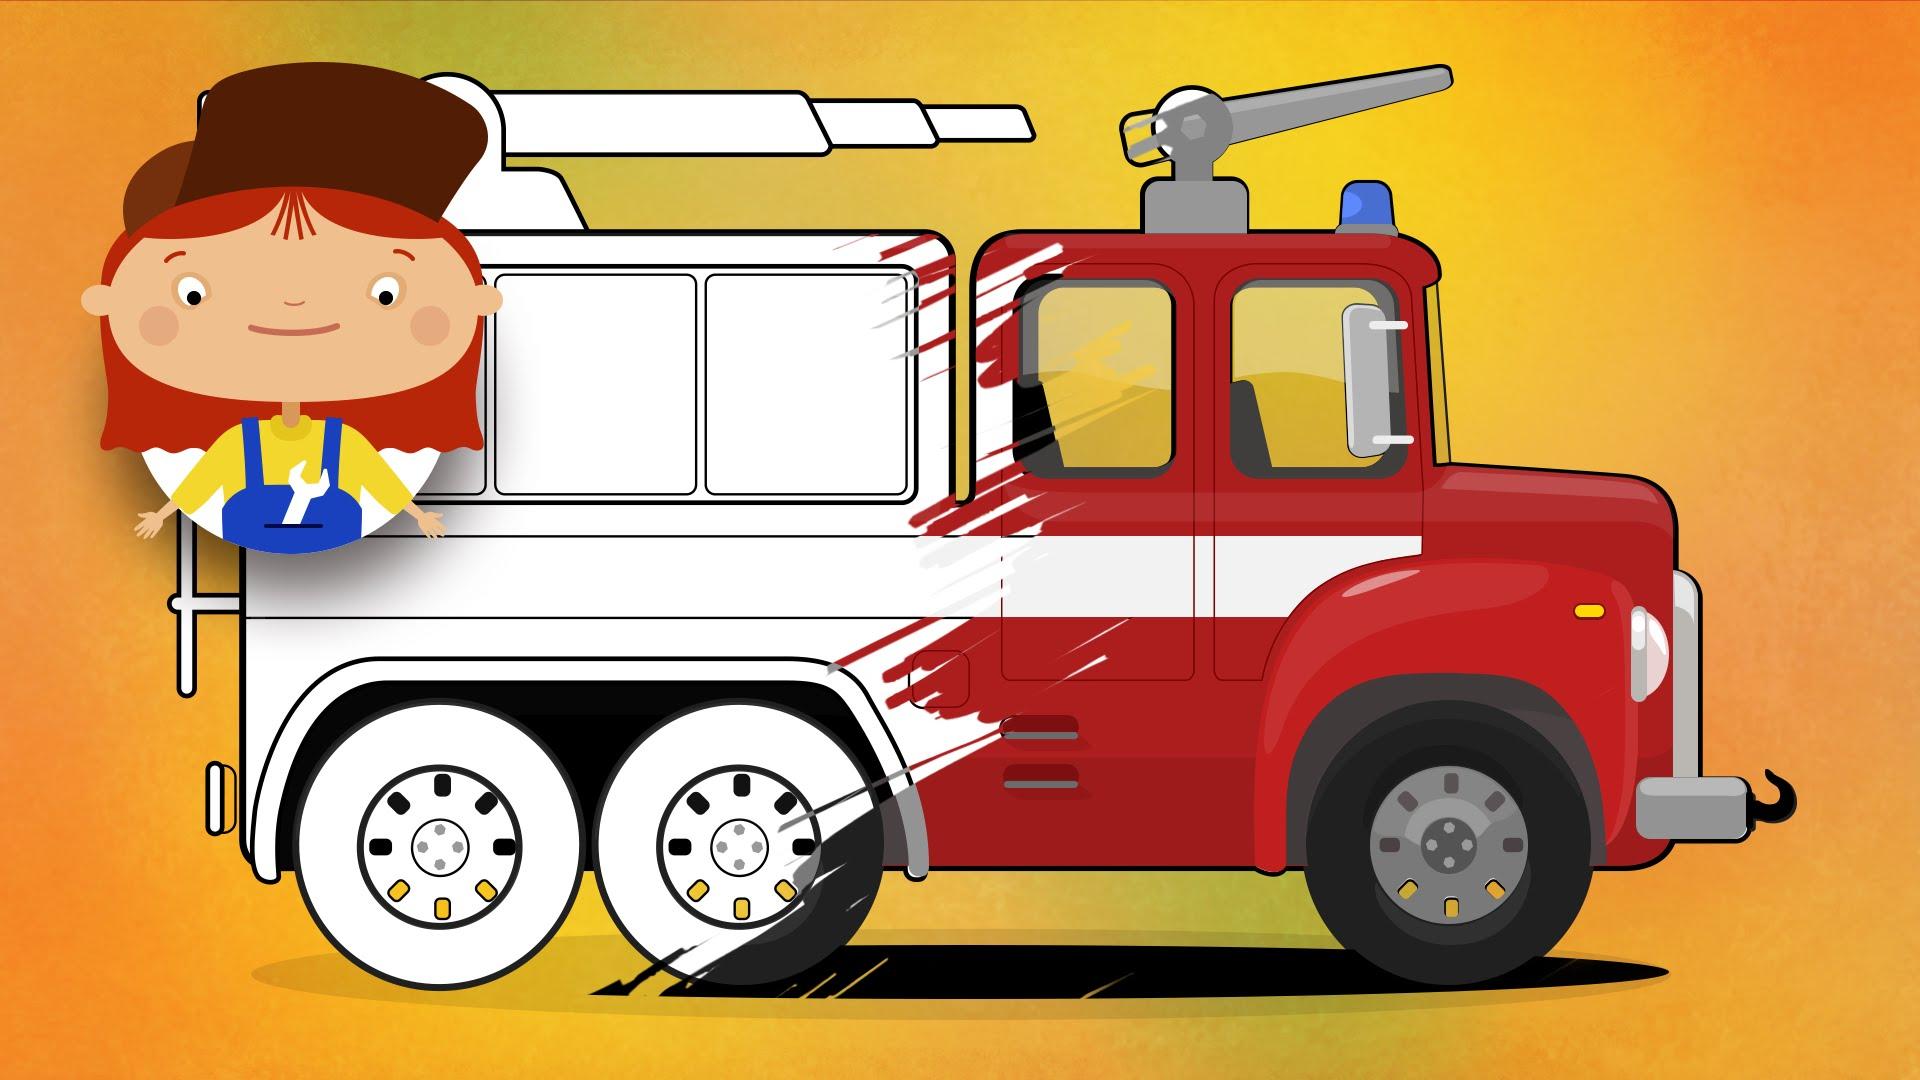 мультики про машинки доктор машинкова раскраски пожарная